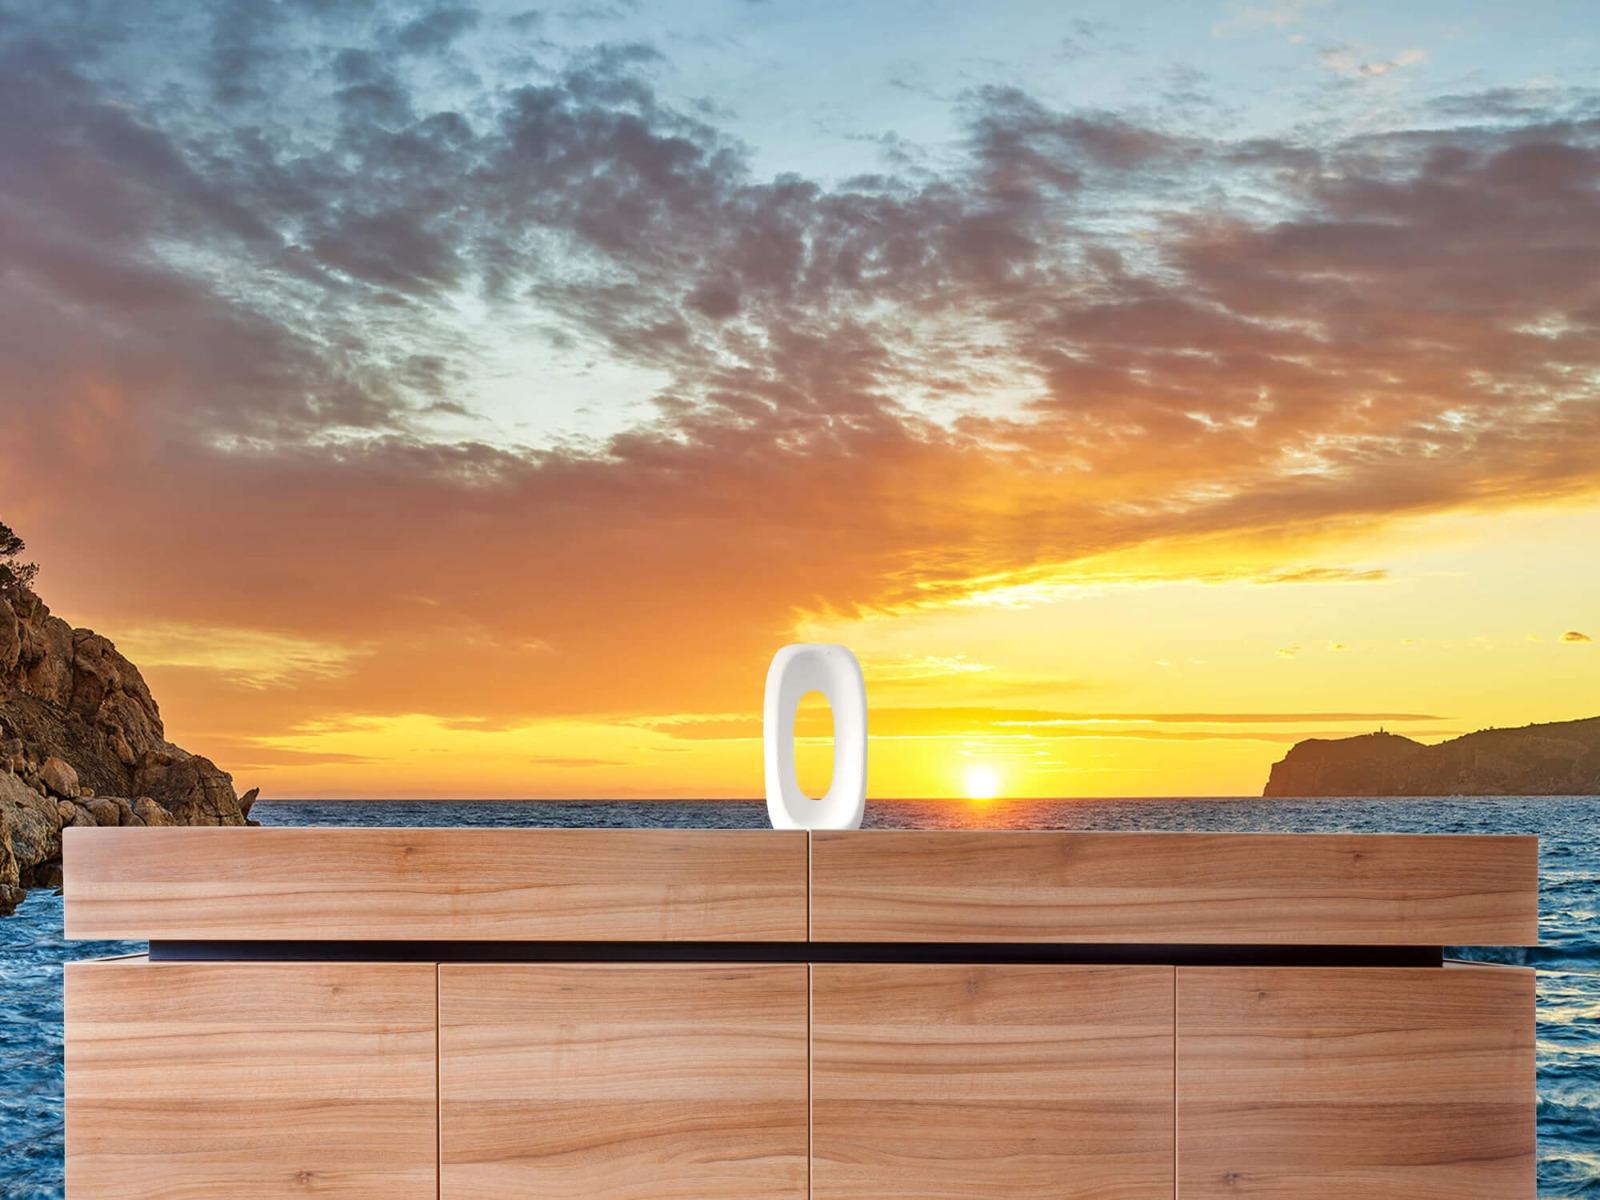 Zon - Zonsondergang op een eiland - Slaapkamer 20